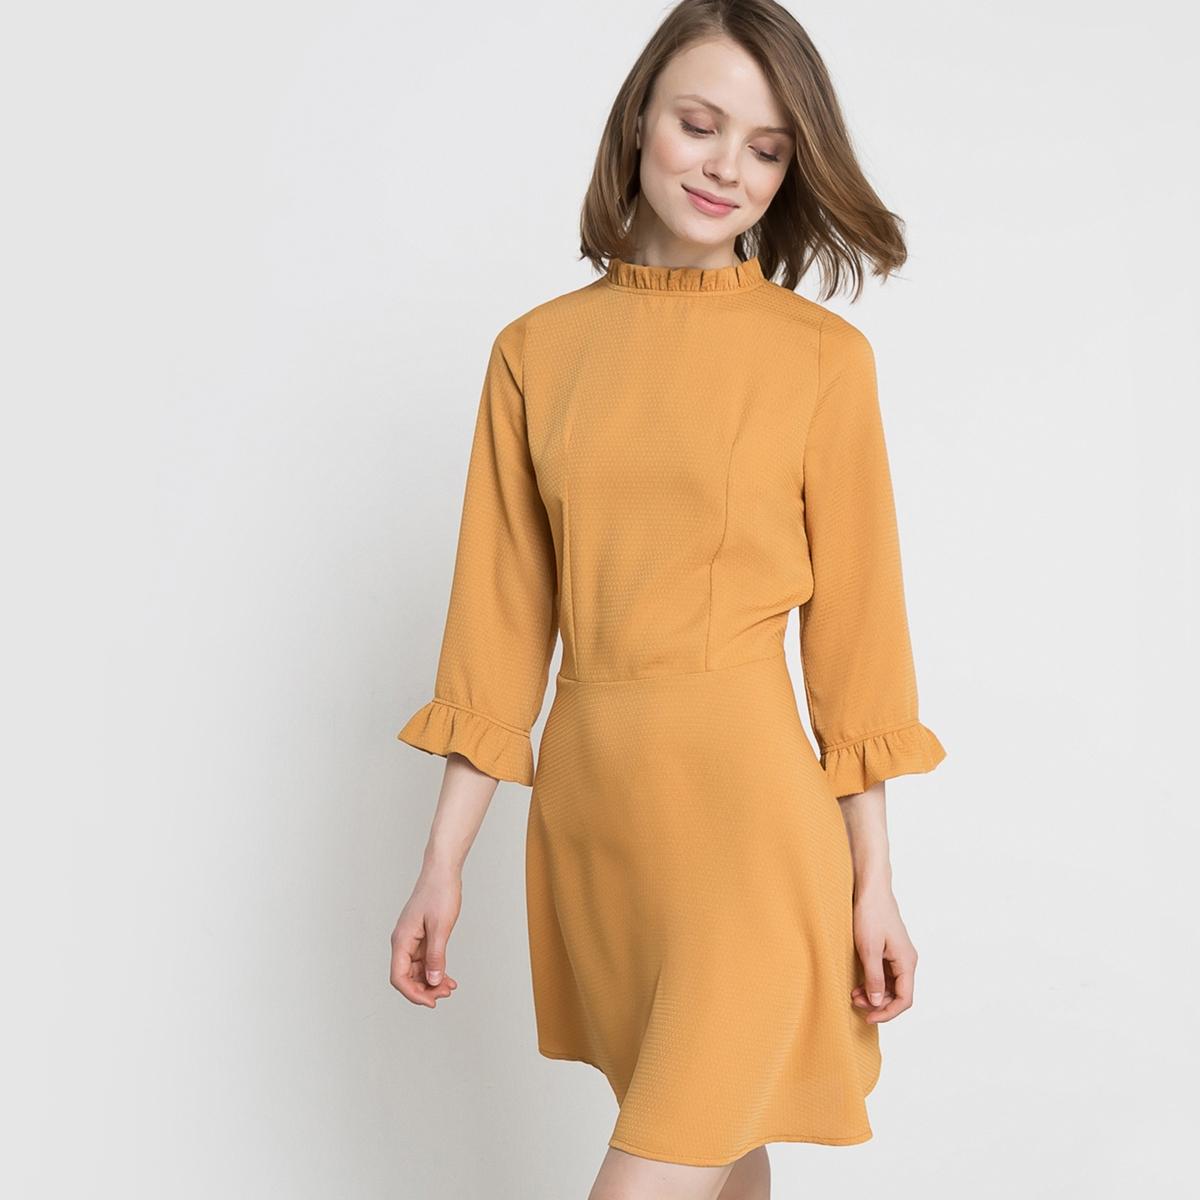 Платье с гофрированным эффектомПлатье с гофрированным эффектом. Небольшой викторианский воротник  . Рукава 3/4 с воланом снизу. Отрезное по талии. Вырез-капелька с застежкой на пуговицу сзади.Состав и описание : Материал: 100% полиэстераДлина 90 смМарка: Mademoiselle R. Уход :Машинная стирка при 30 °C с вещами схожих цветов.Стирка и глажка с изнаночной стороны..Машинная сушка на умеренном режиме..Гладить на низкой температуре..<br><br>Цвет: охра<br>Размер: 44 (FR) - 50 (RUS).42 (FR) - 48 (RUS)